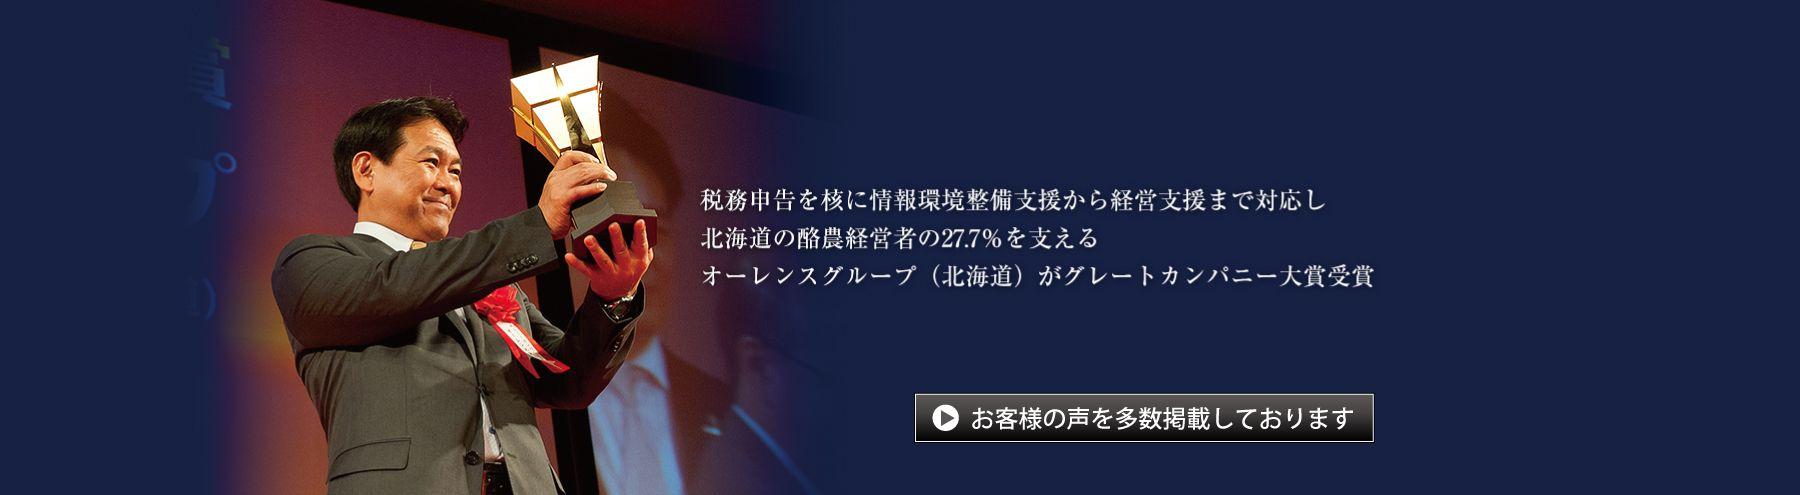 船井総合研究所 士業支援部のご紹介